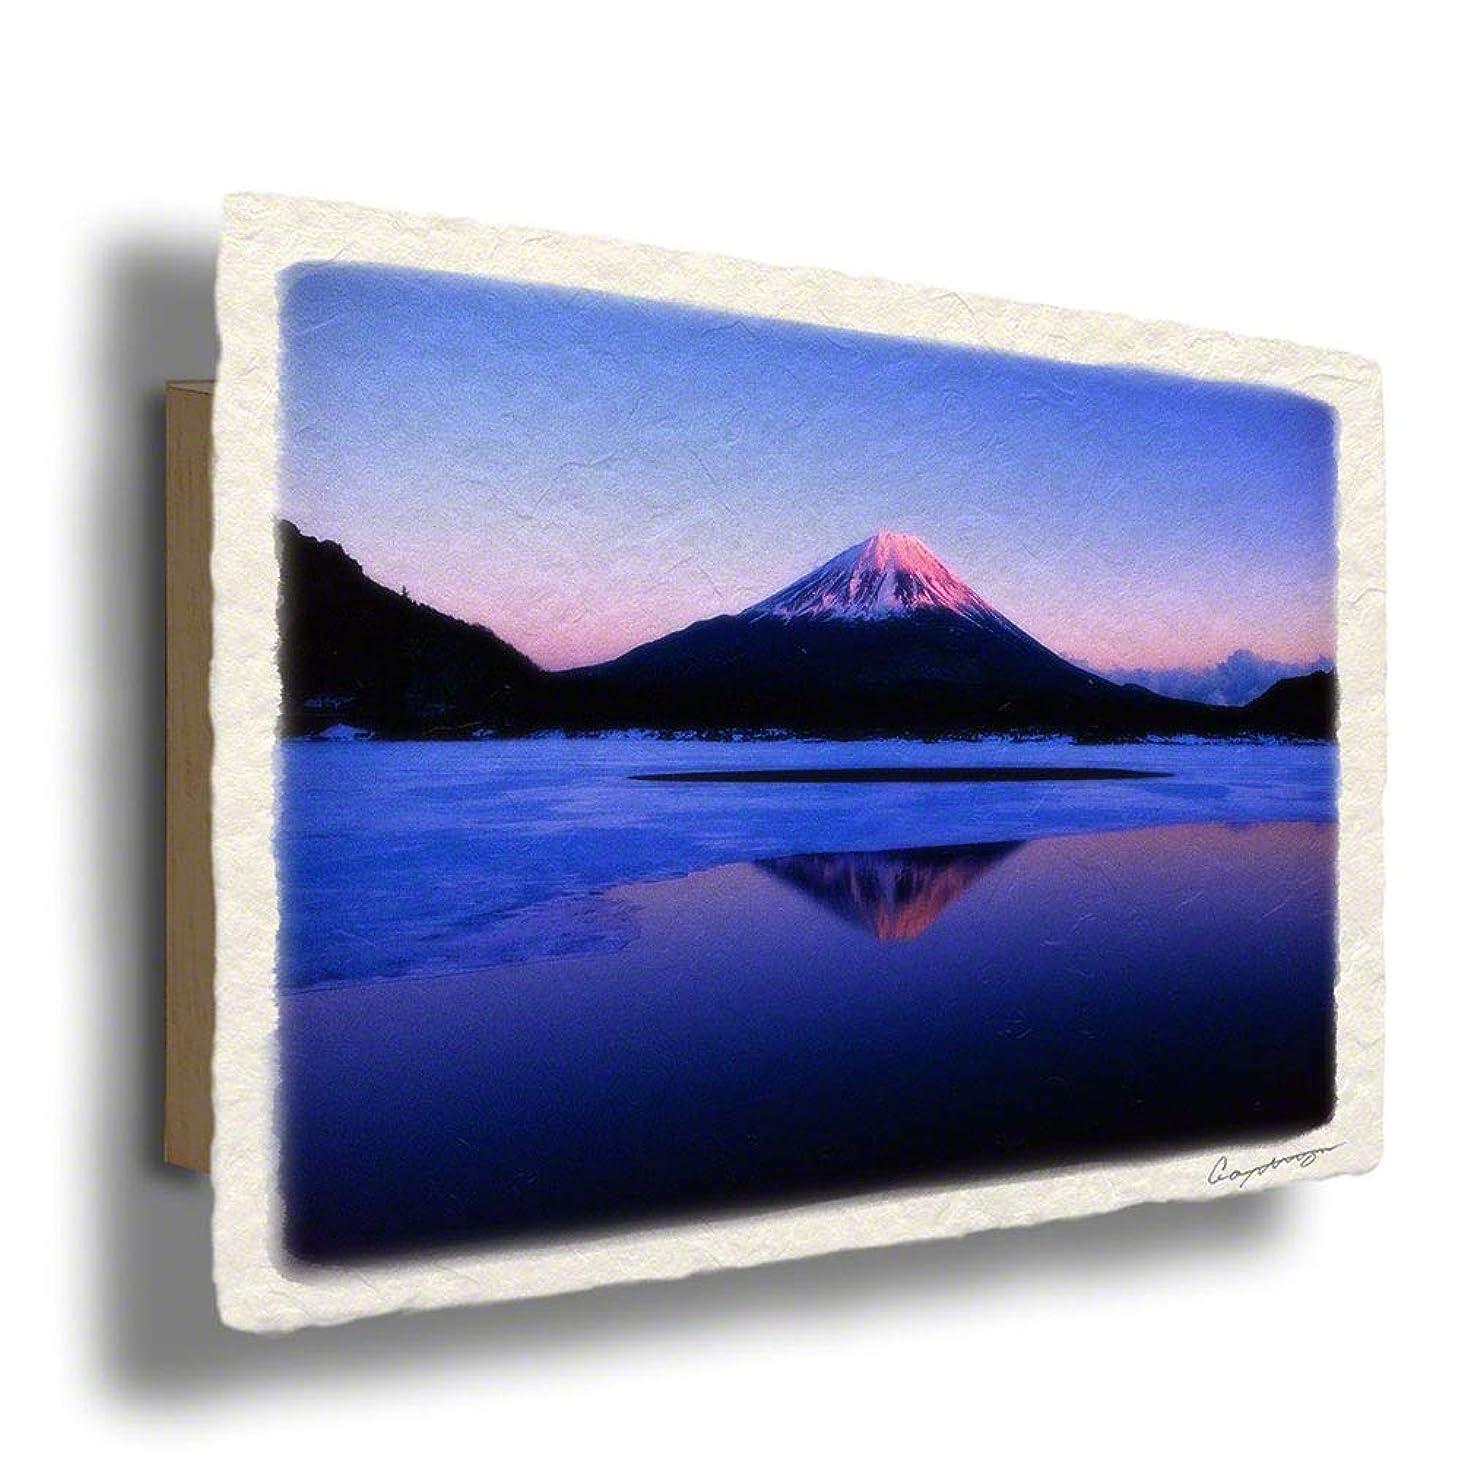 手すき 和紙 アートパネル 木製パネル付 紫 風景 「夕照の逆さ富士山と凍結した精進湖」60x40cm 絵 絵画 インテリア 壁掛け 壁飾り 風水 玄関